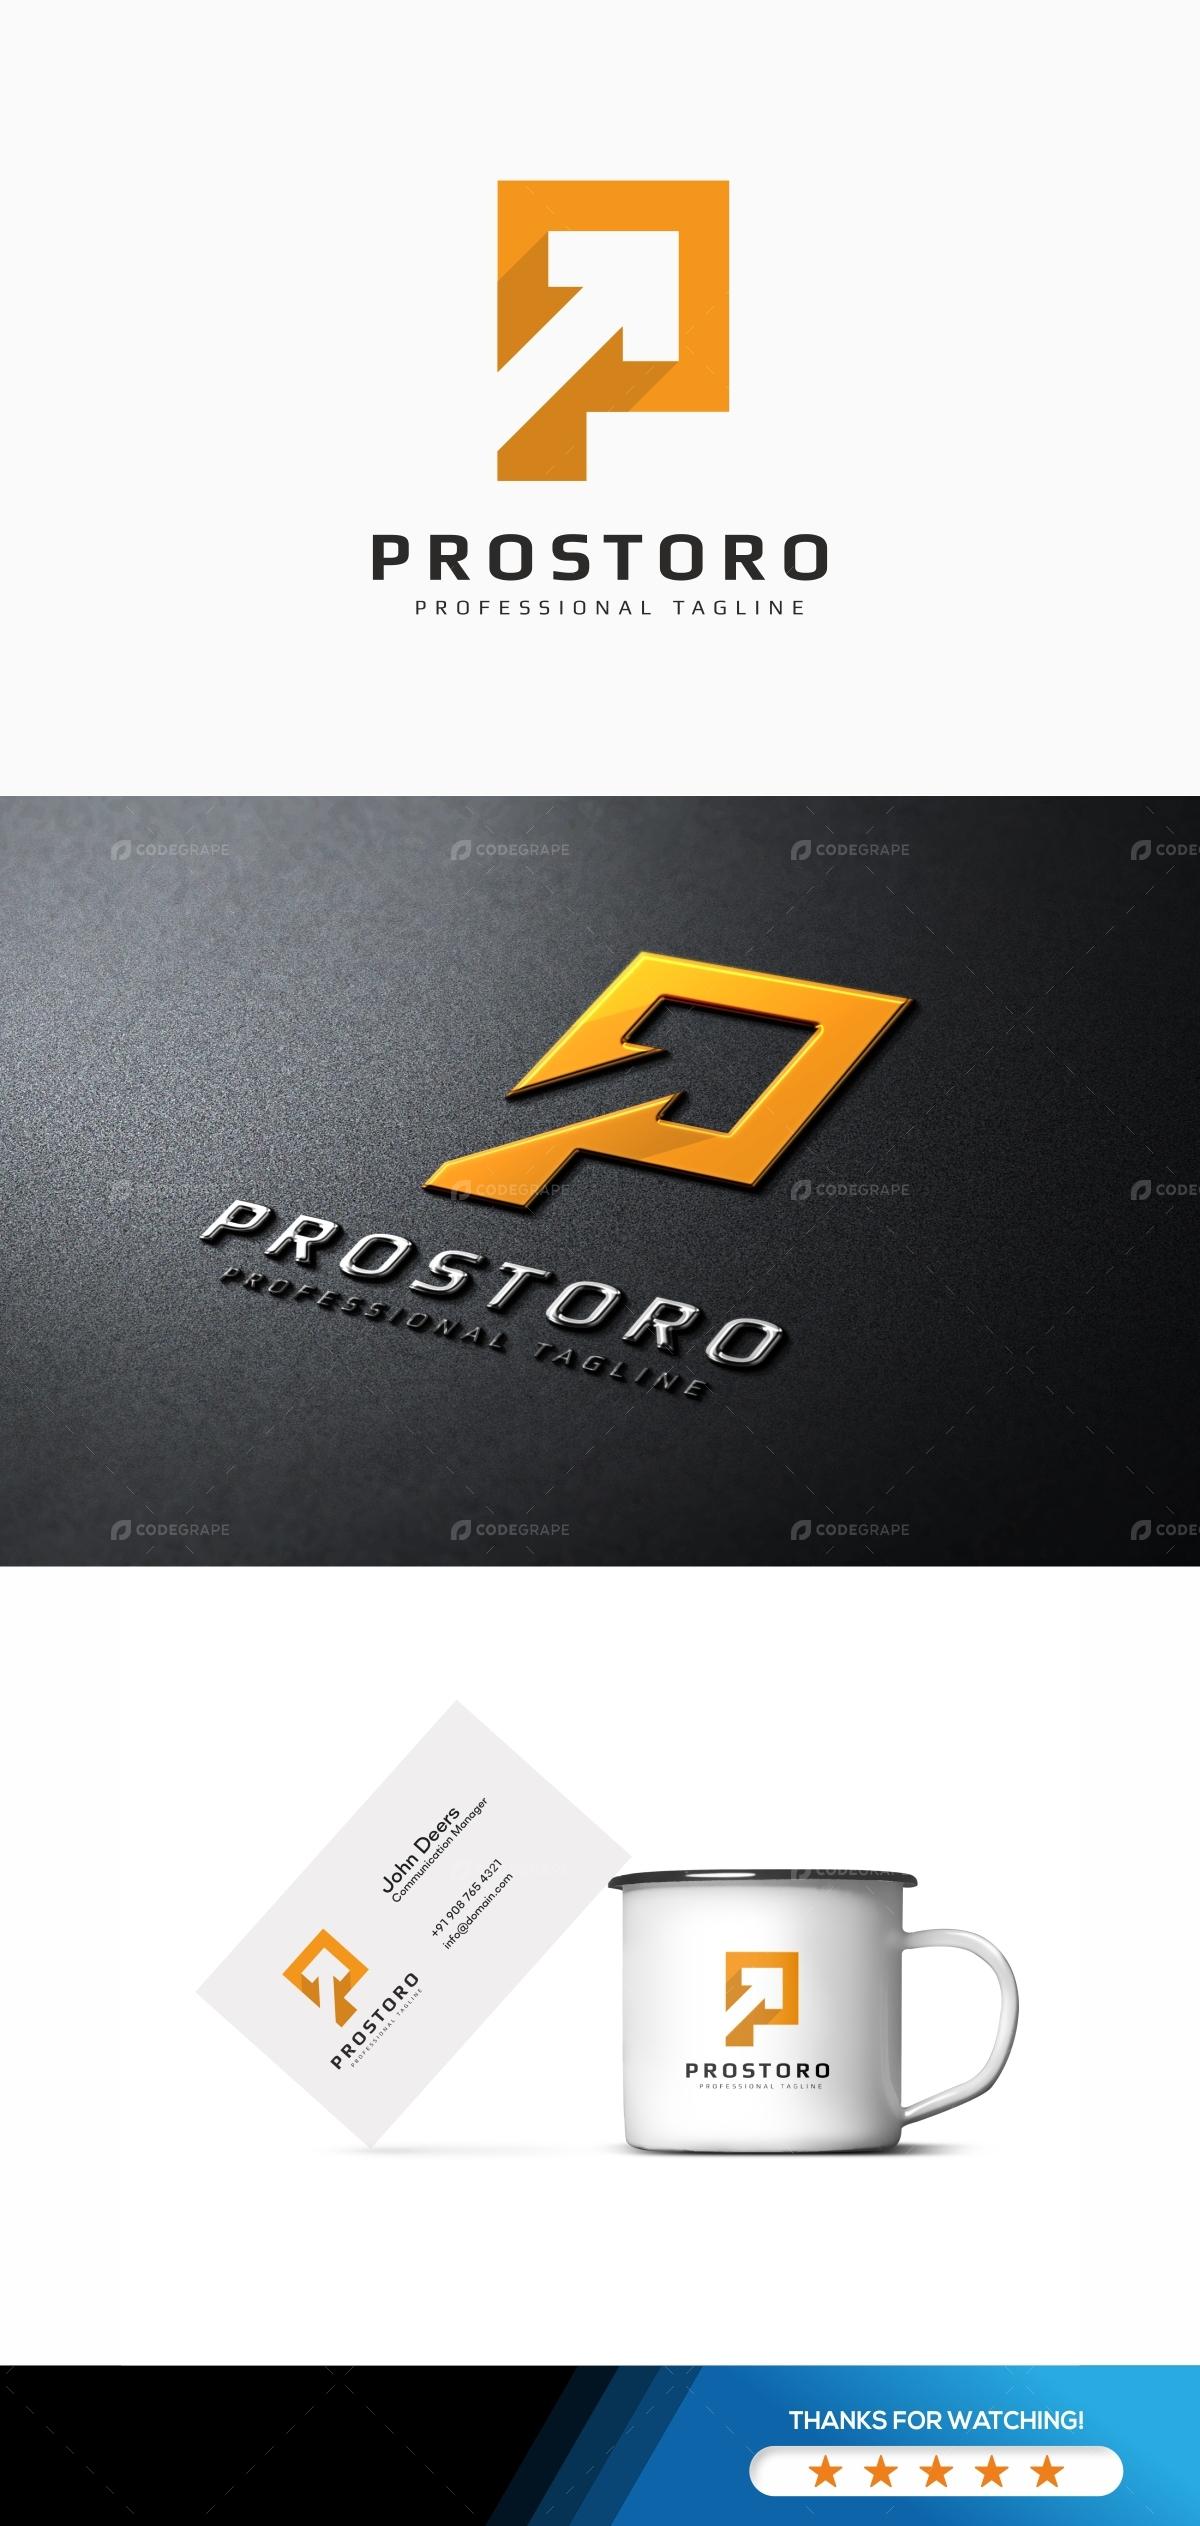 P Letter - Prostoro Logo